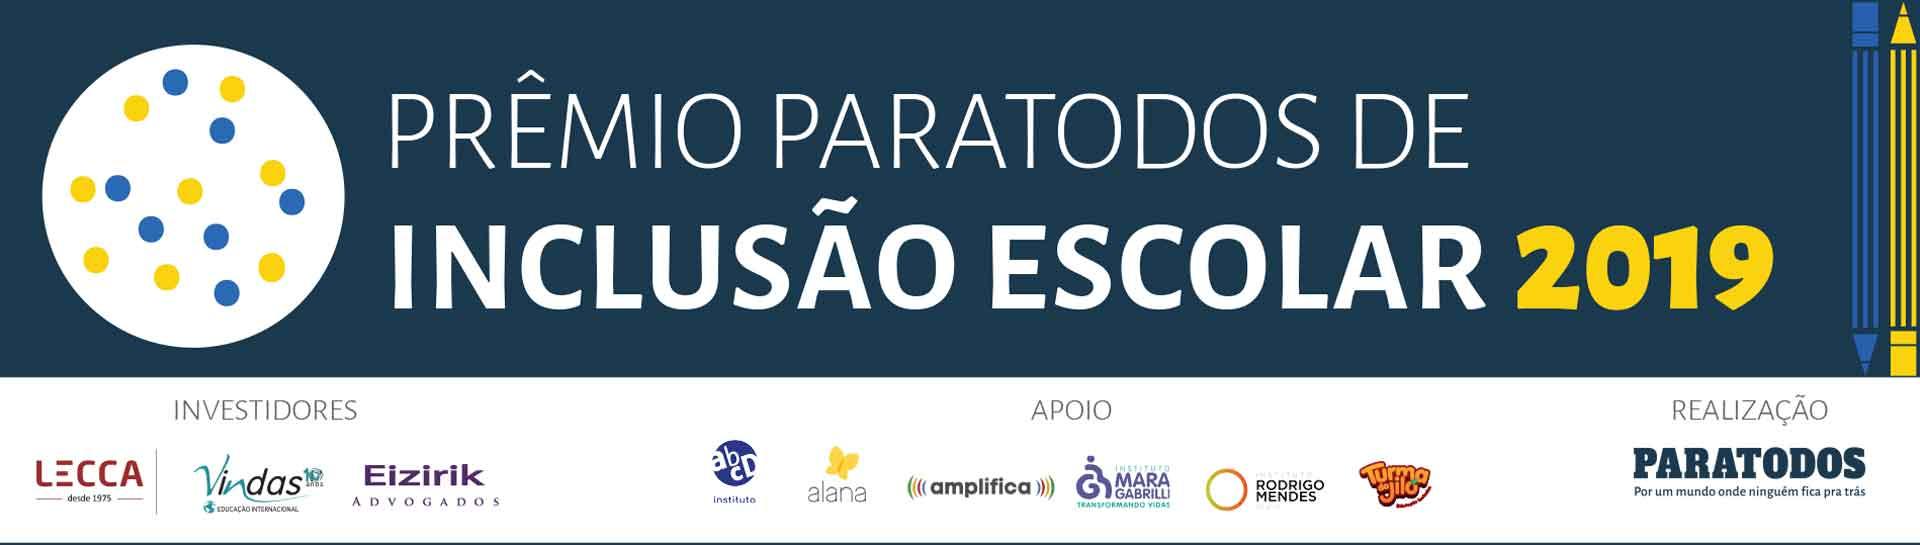 Banner Prêmio Paratodos de Inclusão Escolar – 2019